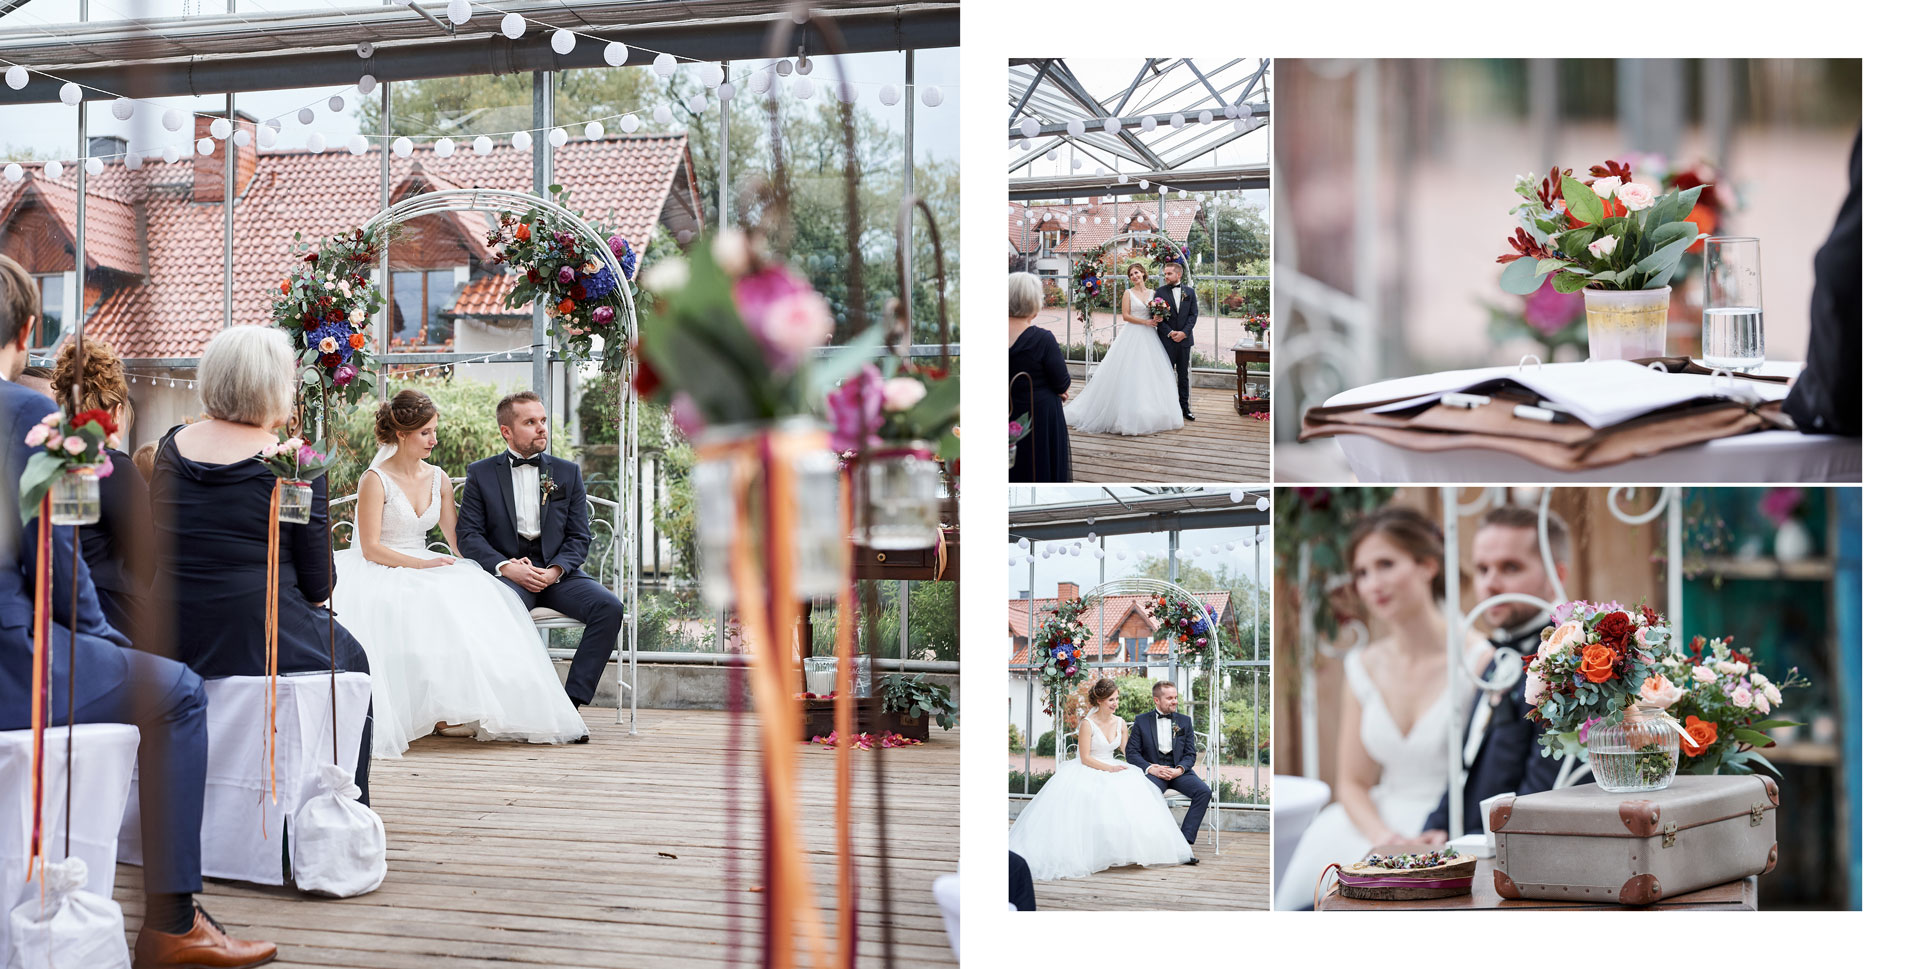 Hochzeitsfotograf Lichtgestalt by Schreer aus Melle